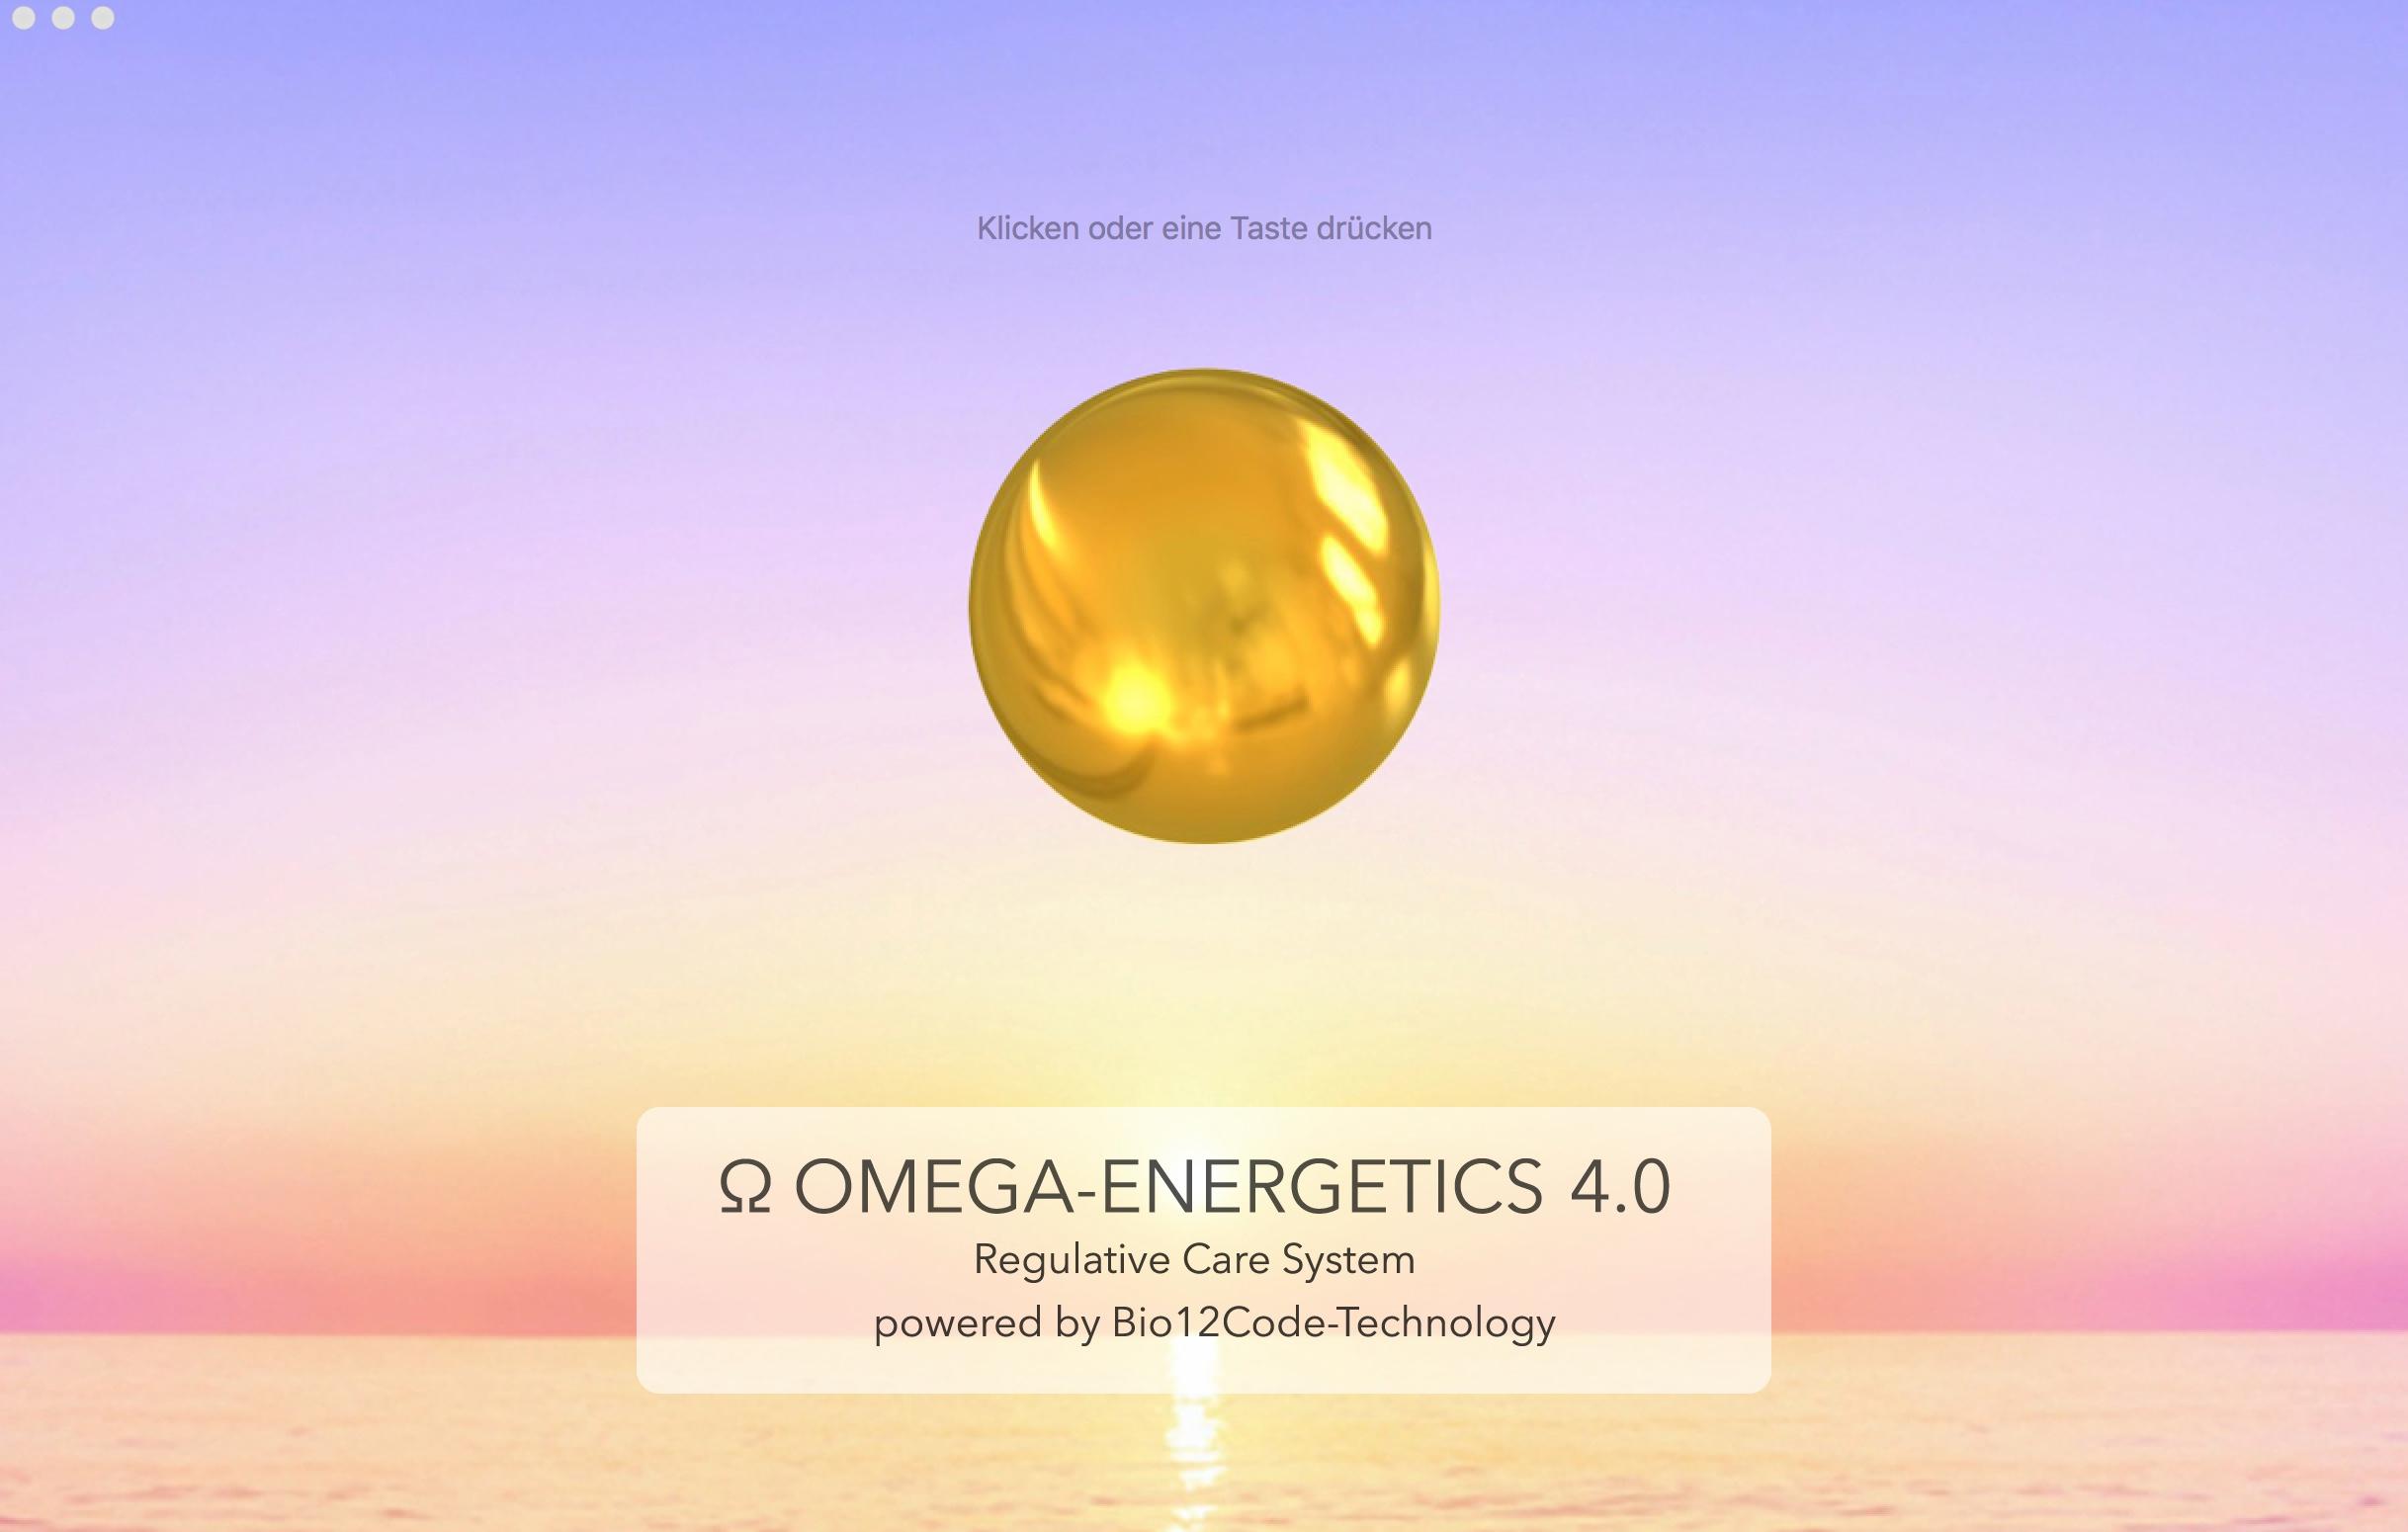 Ω Omega-Energetics 4.0